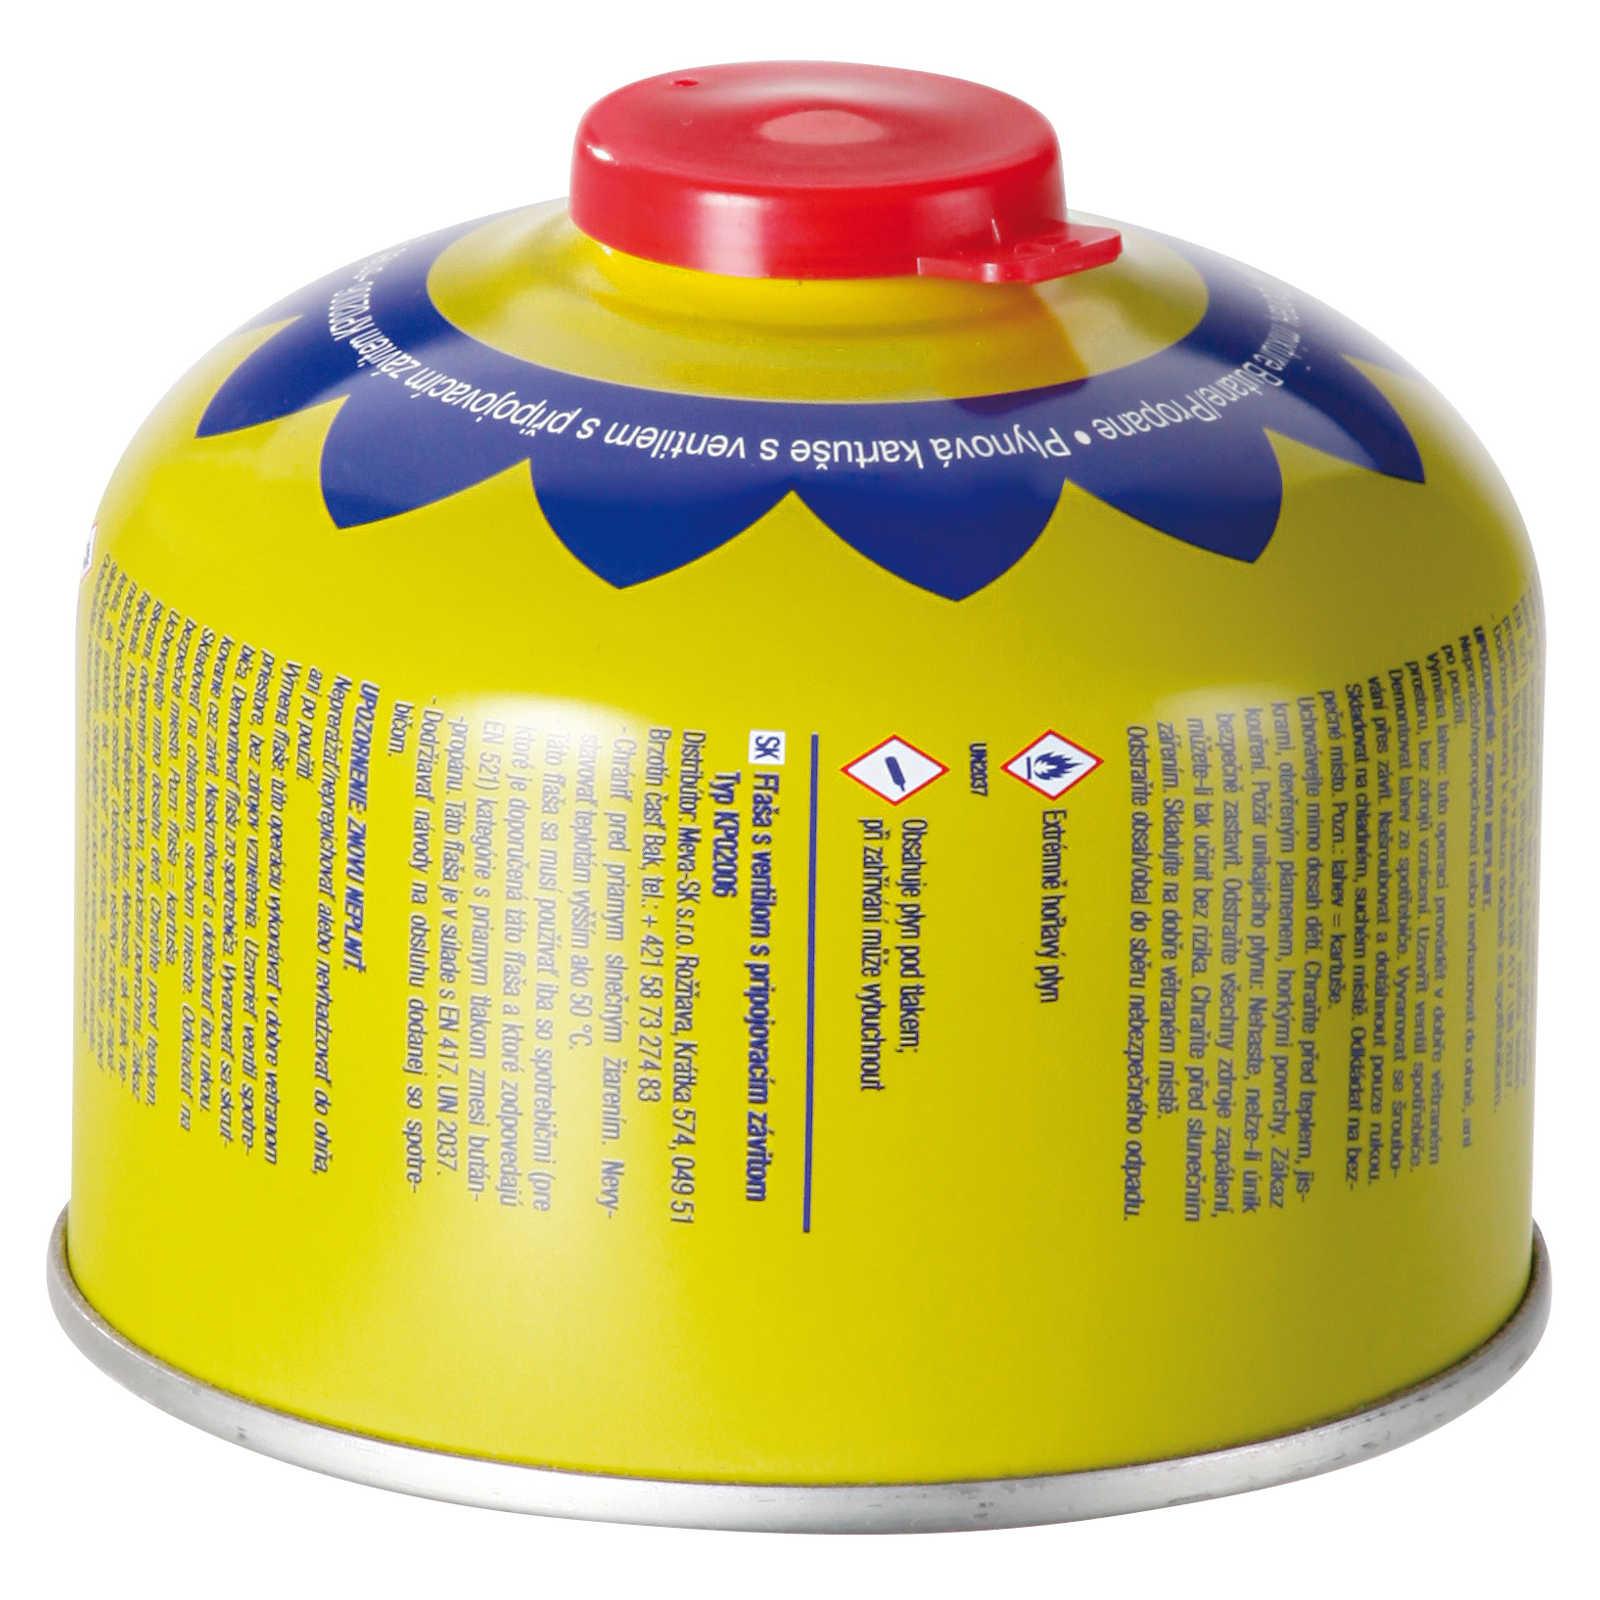 Kartusz nabój gazowy do kuchenki gwint 7/16 230g w cenie 100g